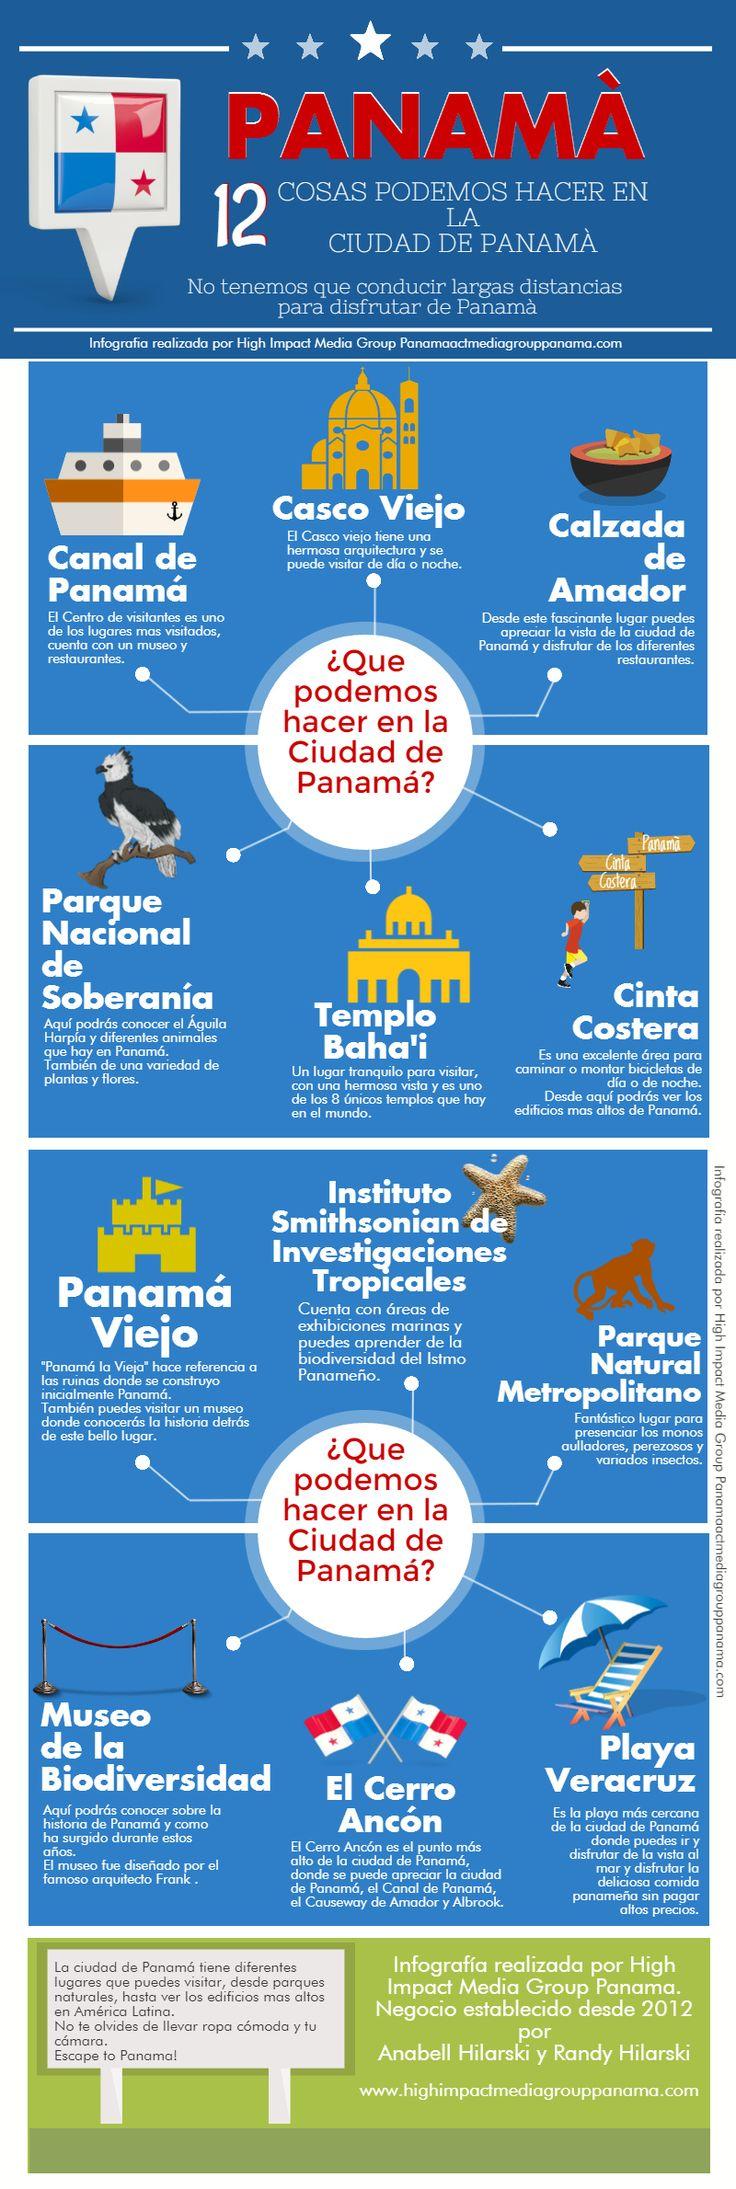 12 Cosas Podemos Hacer en la Ciudad de #Panamá - @HIMGPanama 12 Things to do in Panama CIty, Panama